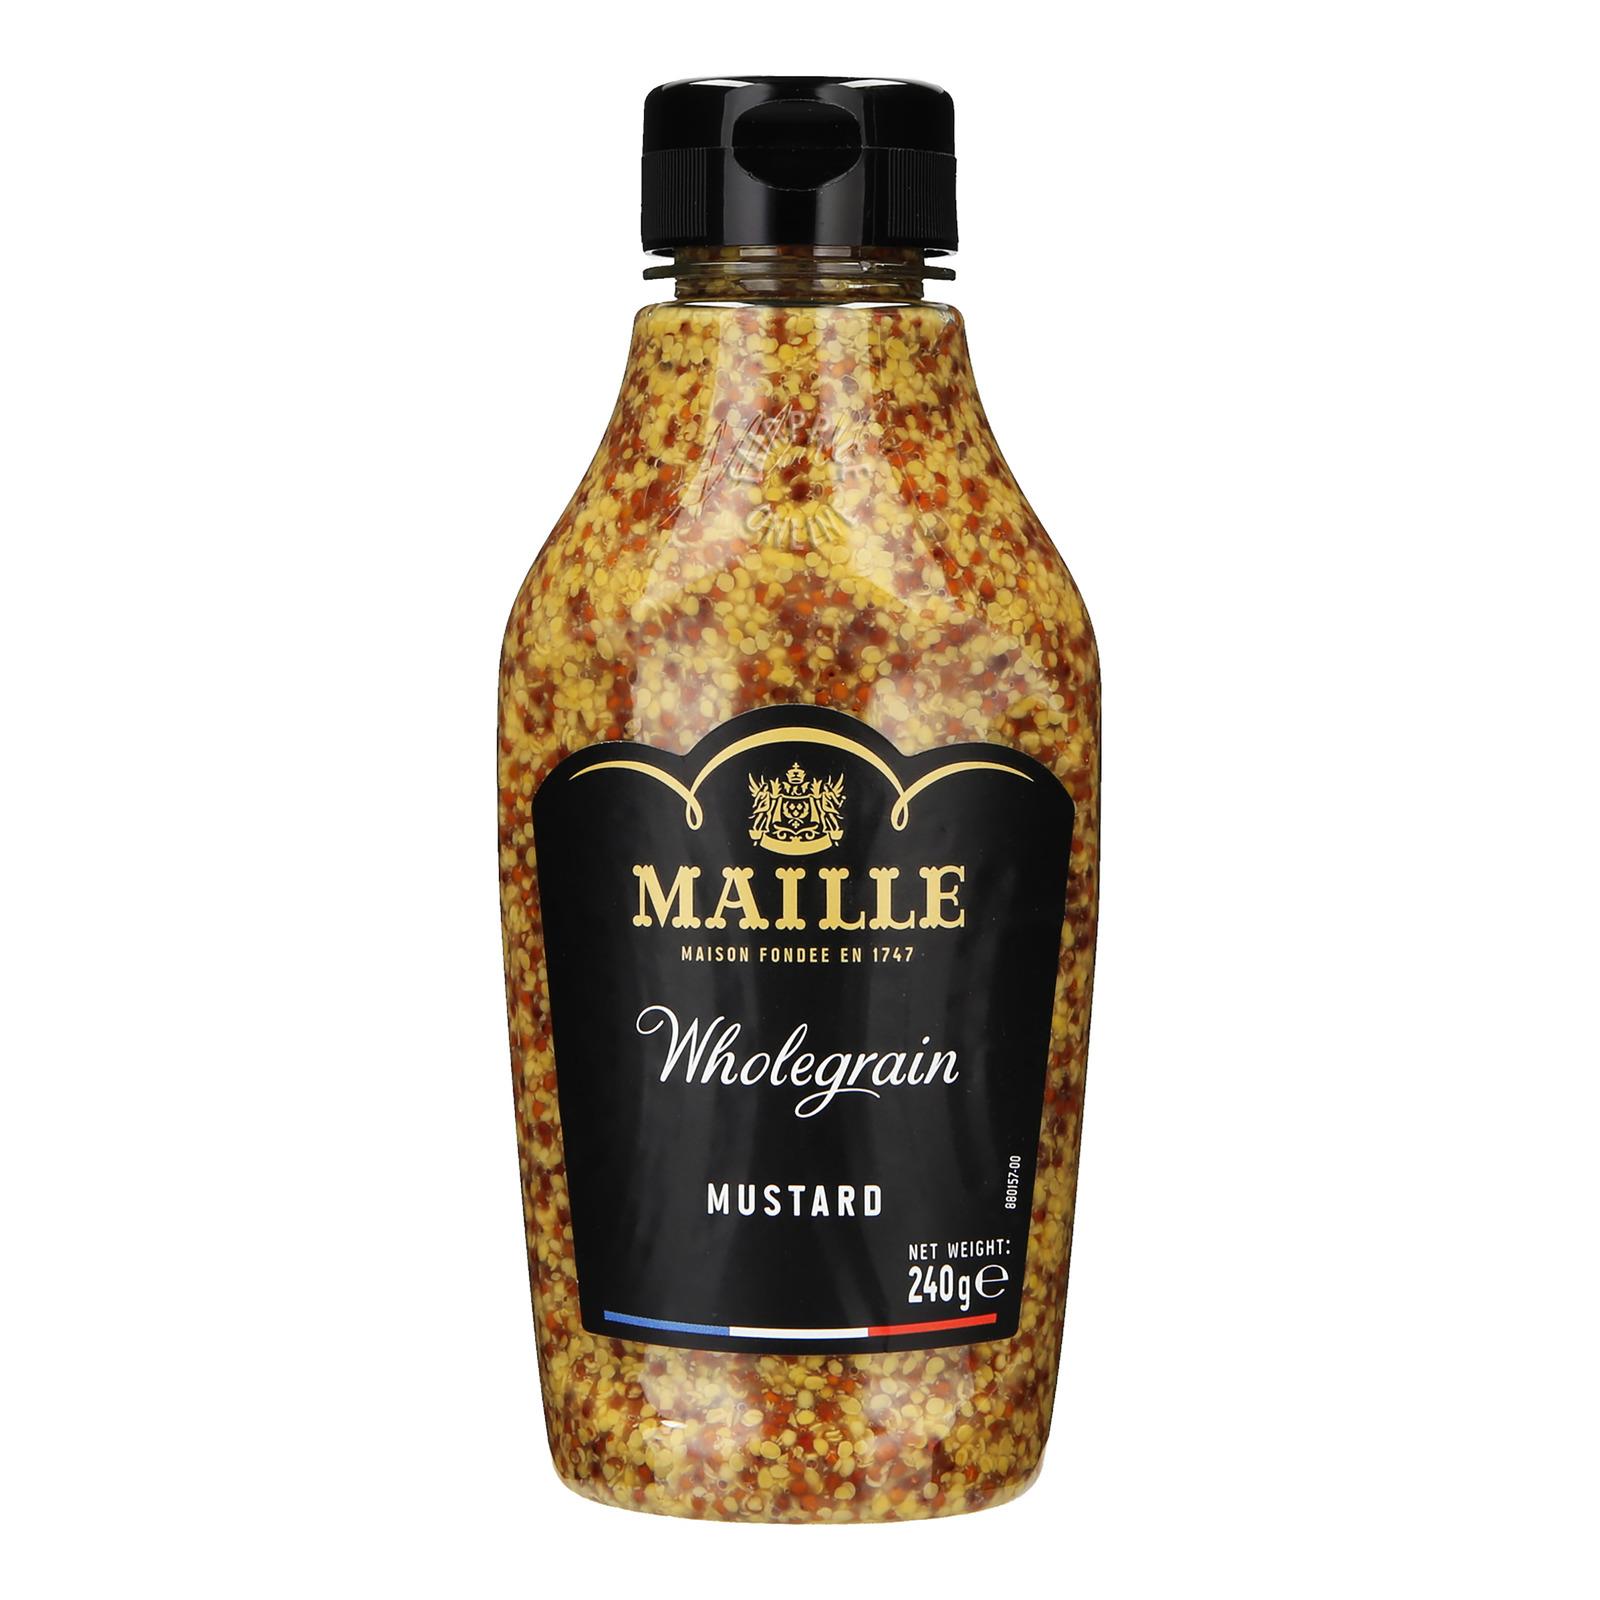 Maille Mustard - Wholegrain